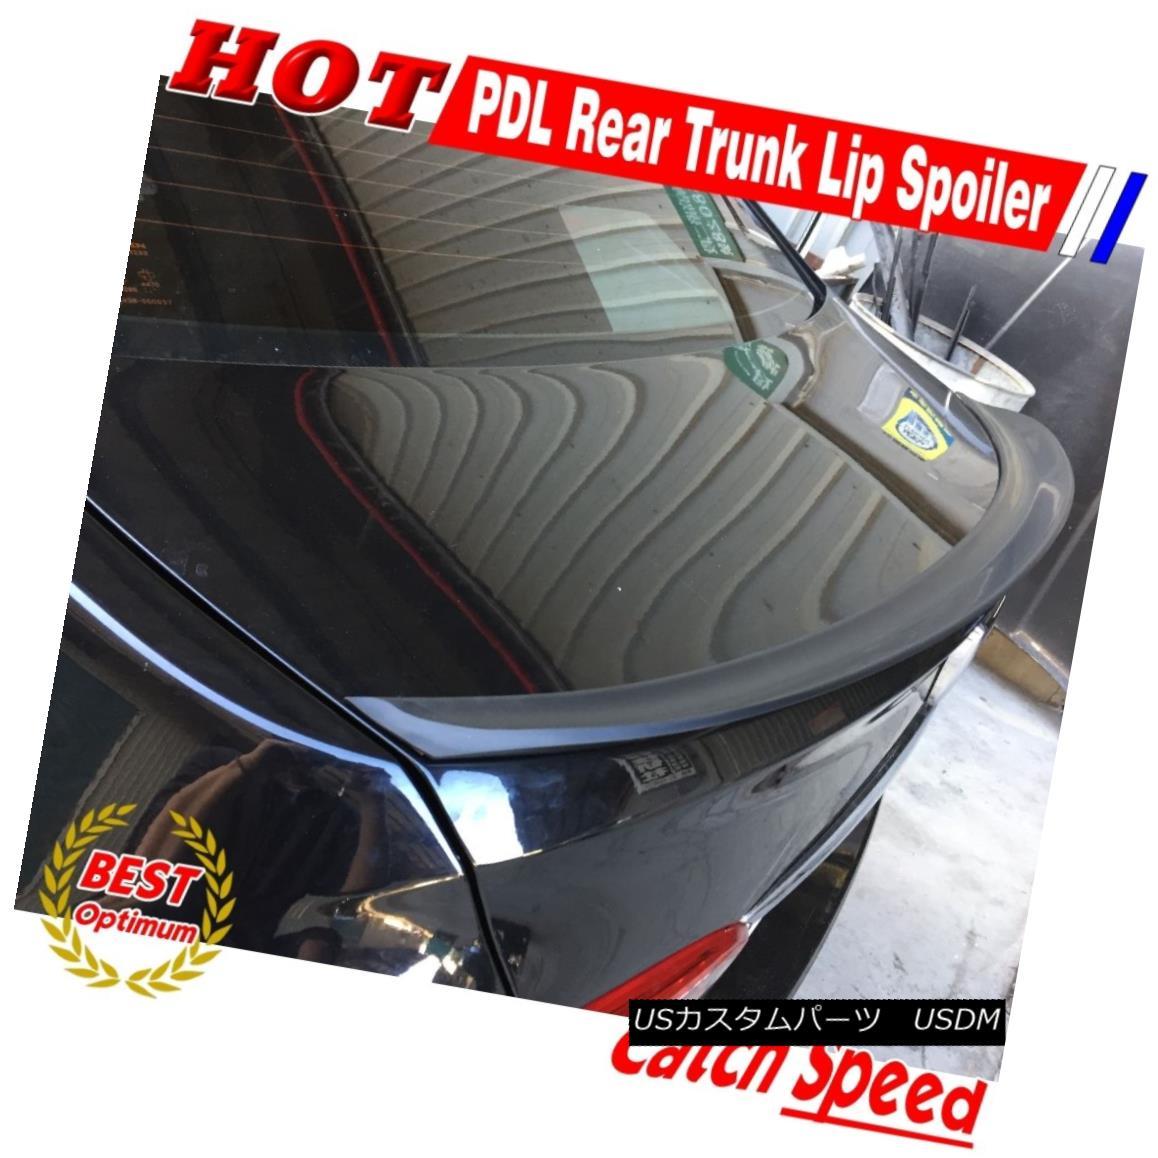 エアロパーツ Flat Black P Style Rear Trunk Lip Spoiler Wing For Audi A4 B8 2009-2015 Sedan アウディA4 B8 2009-2015セダン用フラットブラックPスタイルリアトランクリップスポイラーウイング